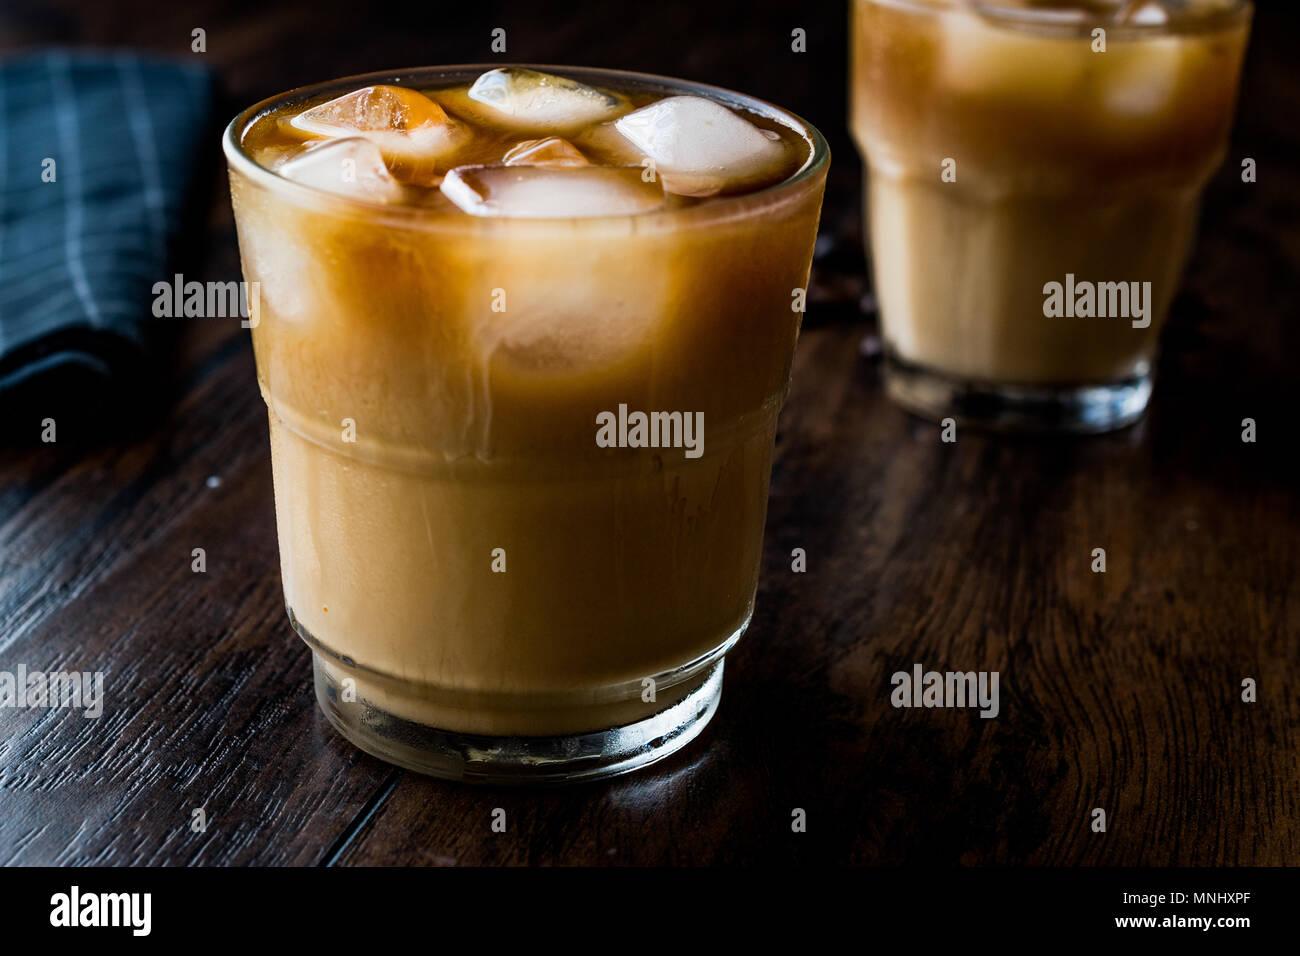 Kalter Kaffee brühen mit Milch und Eis. (Eiskaffee). Bio Trinken. Stockfoto